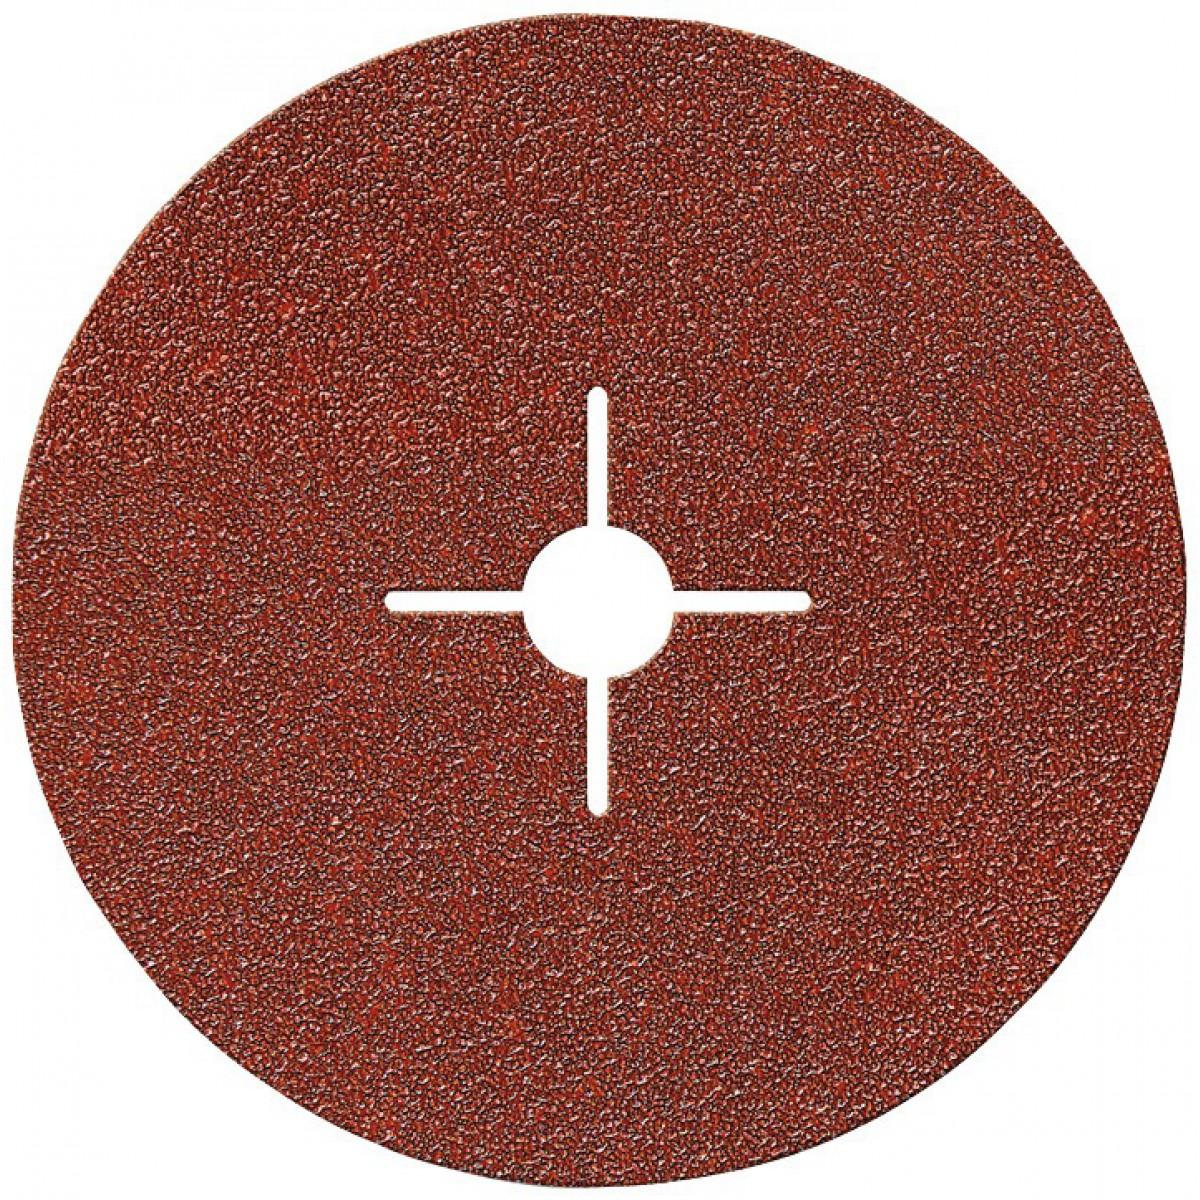 Disque alésage étoilé diamètre 12 mm SCID - Grain 120 - Diamètre 125 mm - Vendu par 5